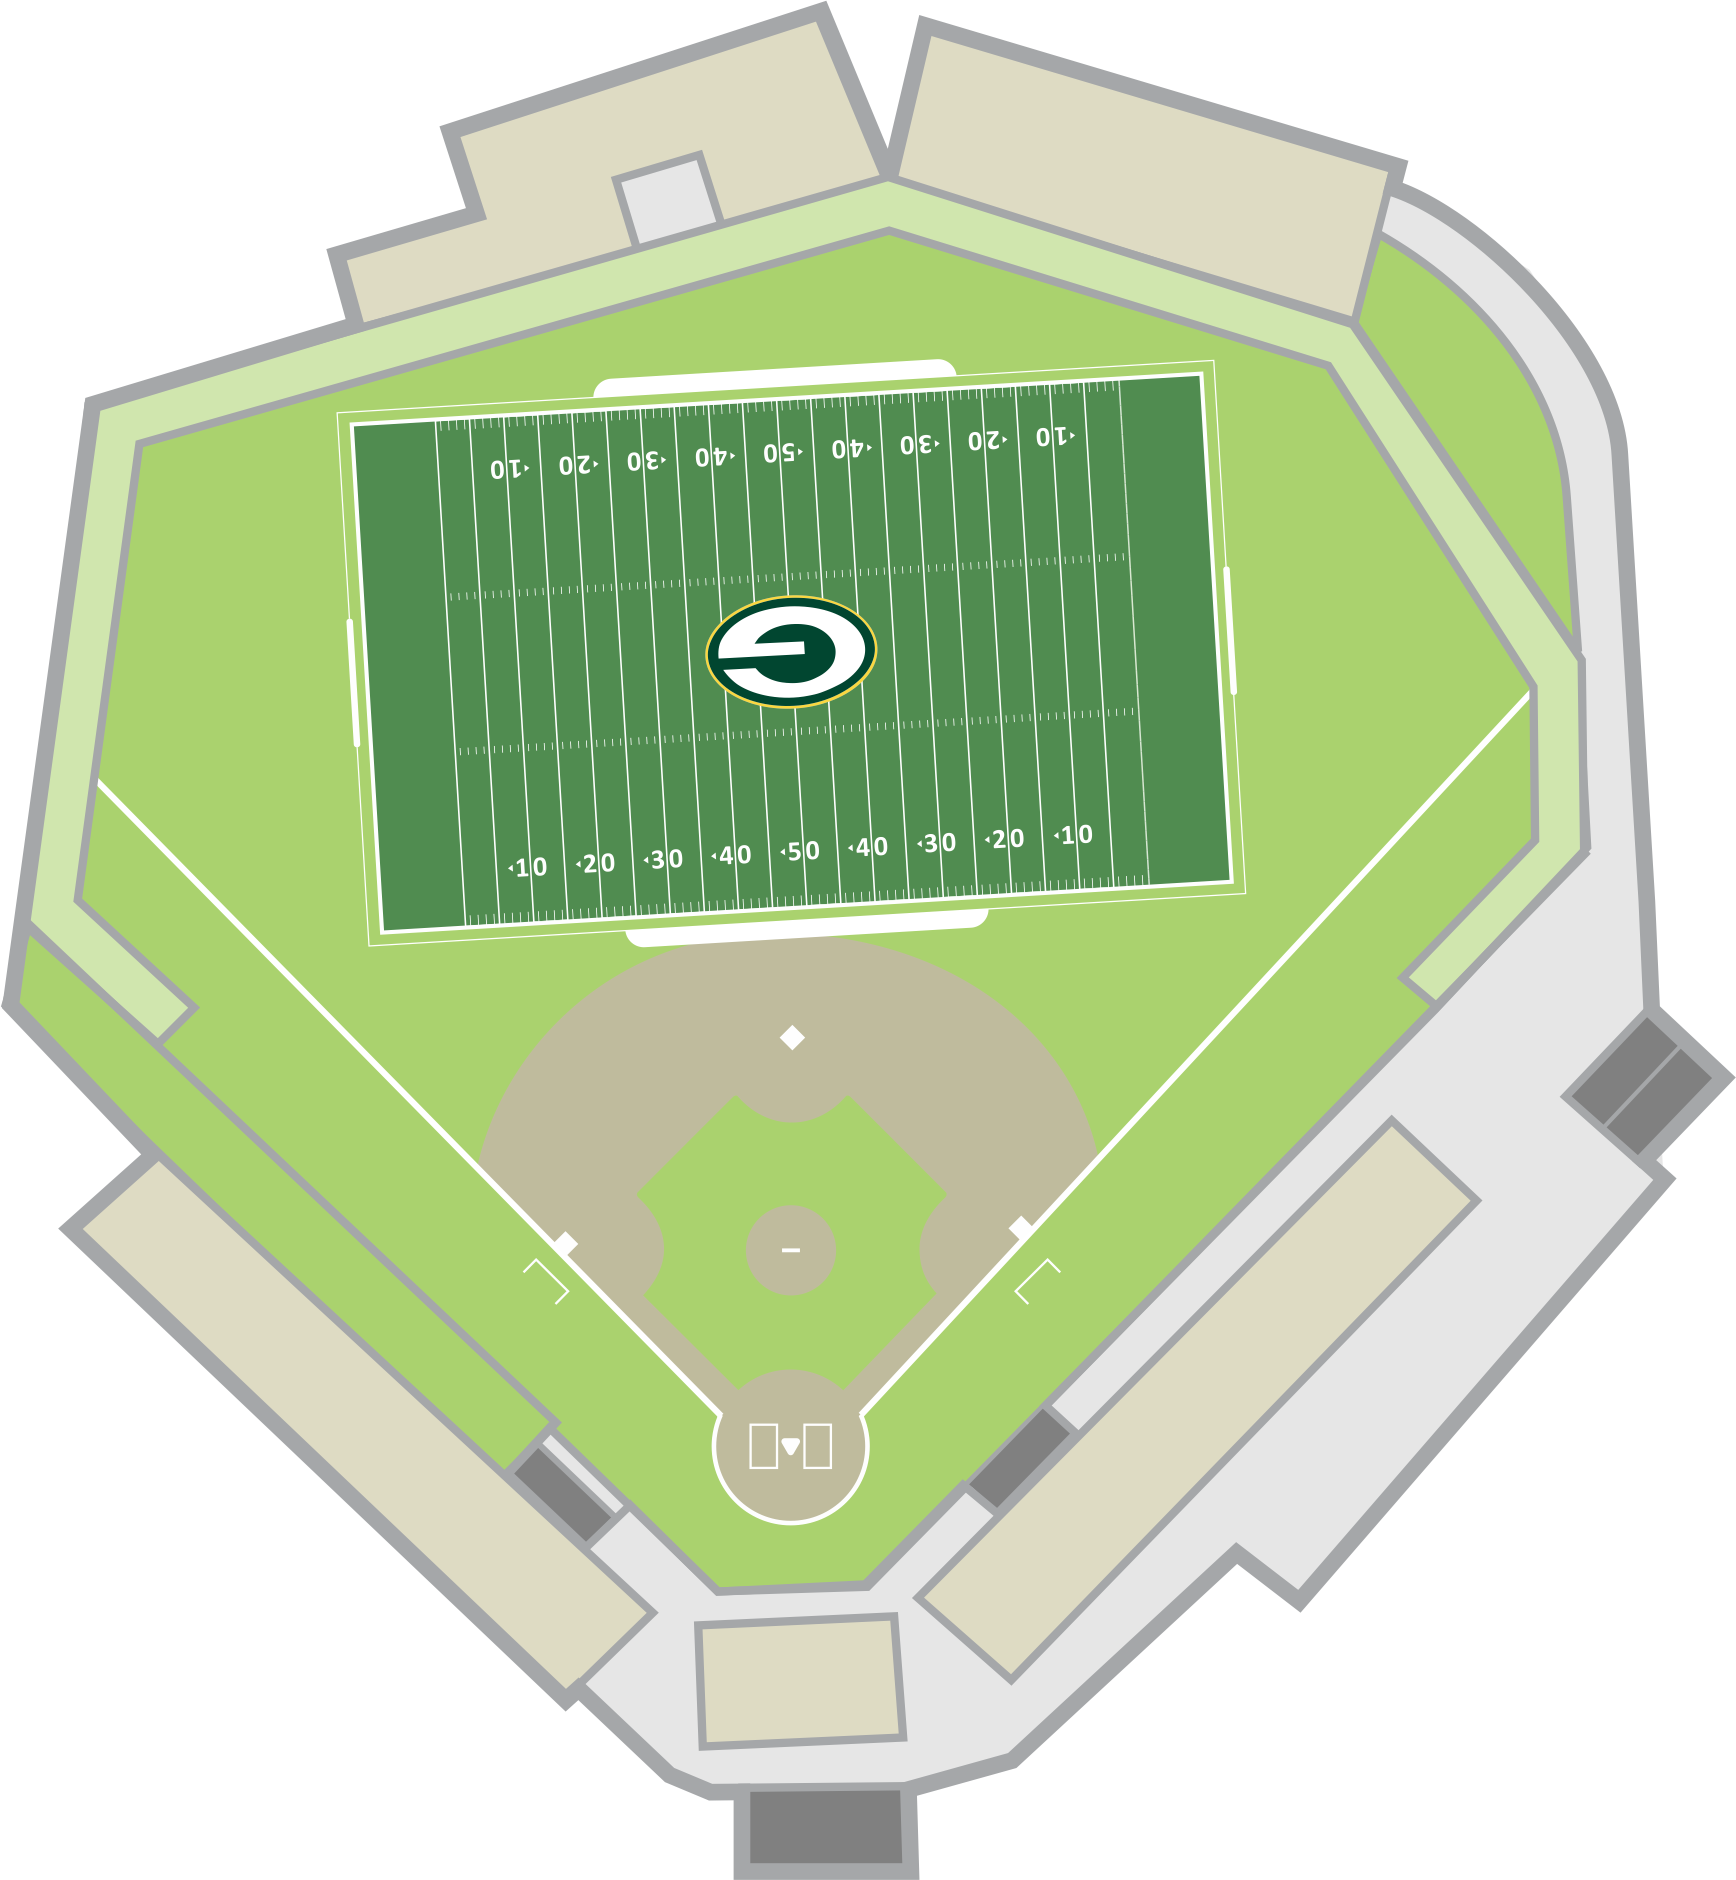 East Field Stadium